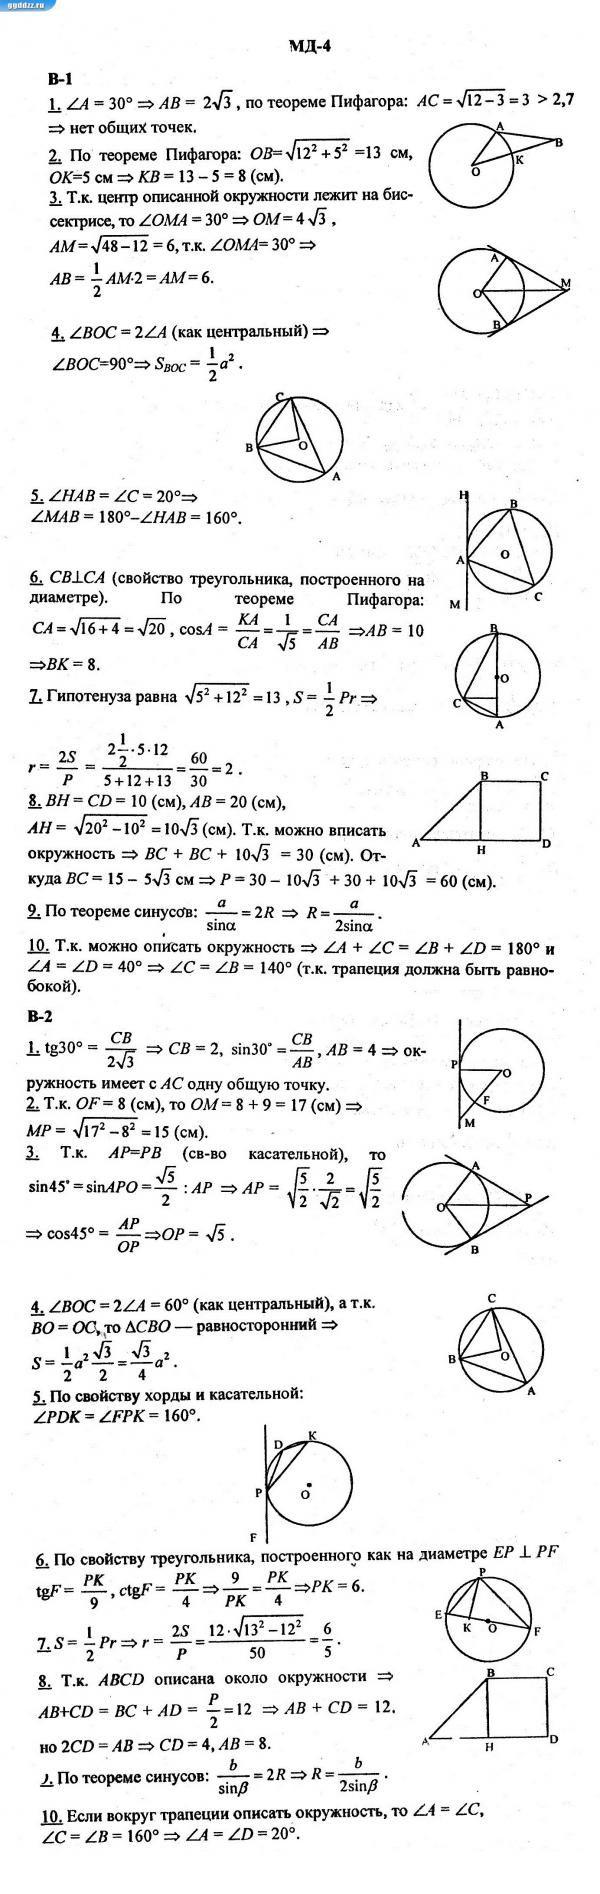 П. а. оржековский химия класс гдз бесплатно